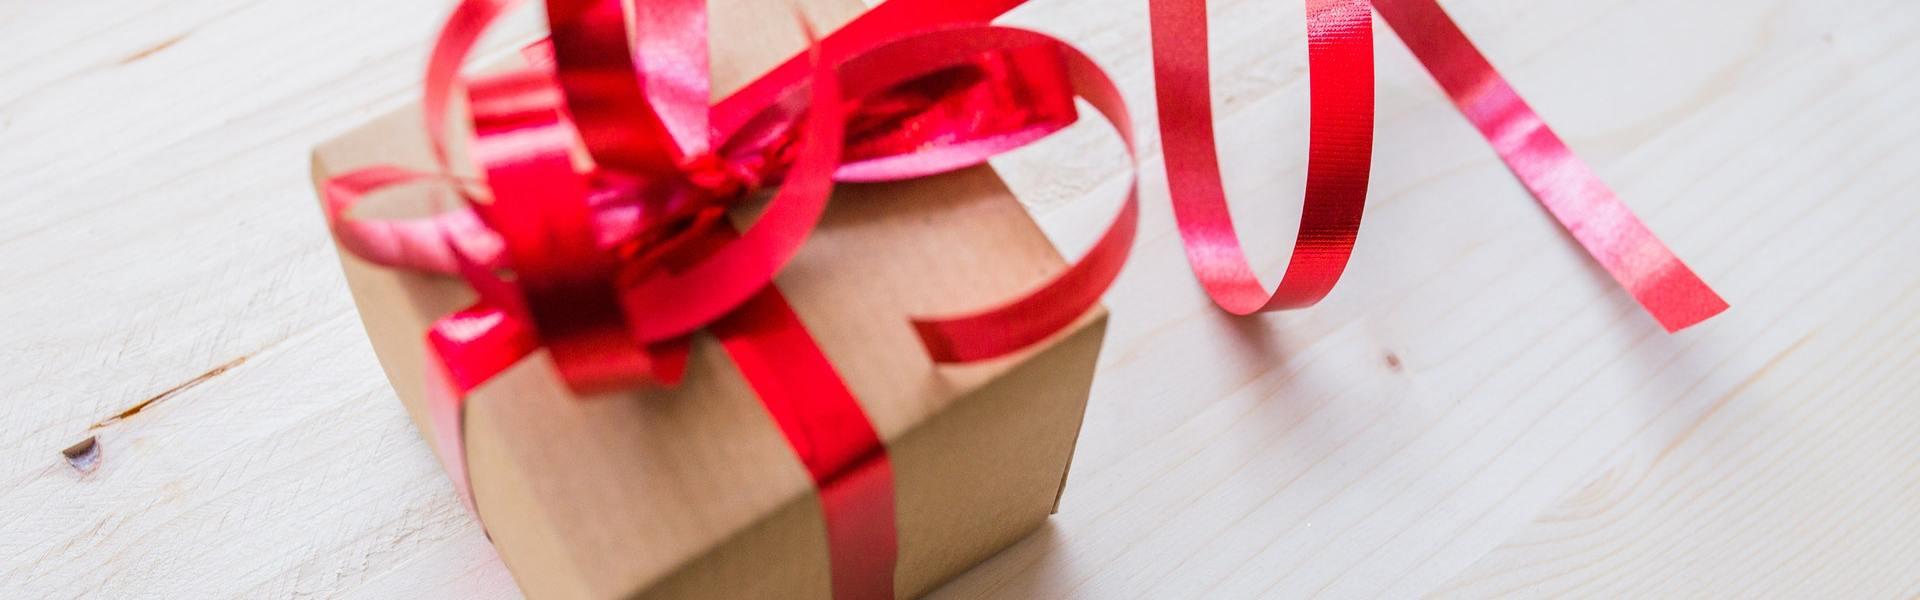 10 originalnih ideja za poklone koji će zadiviti svakoga